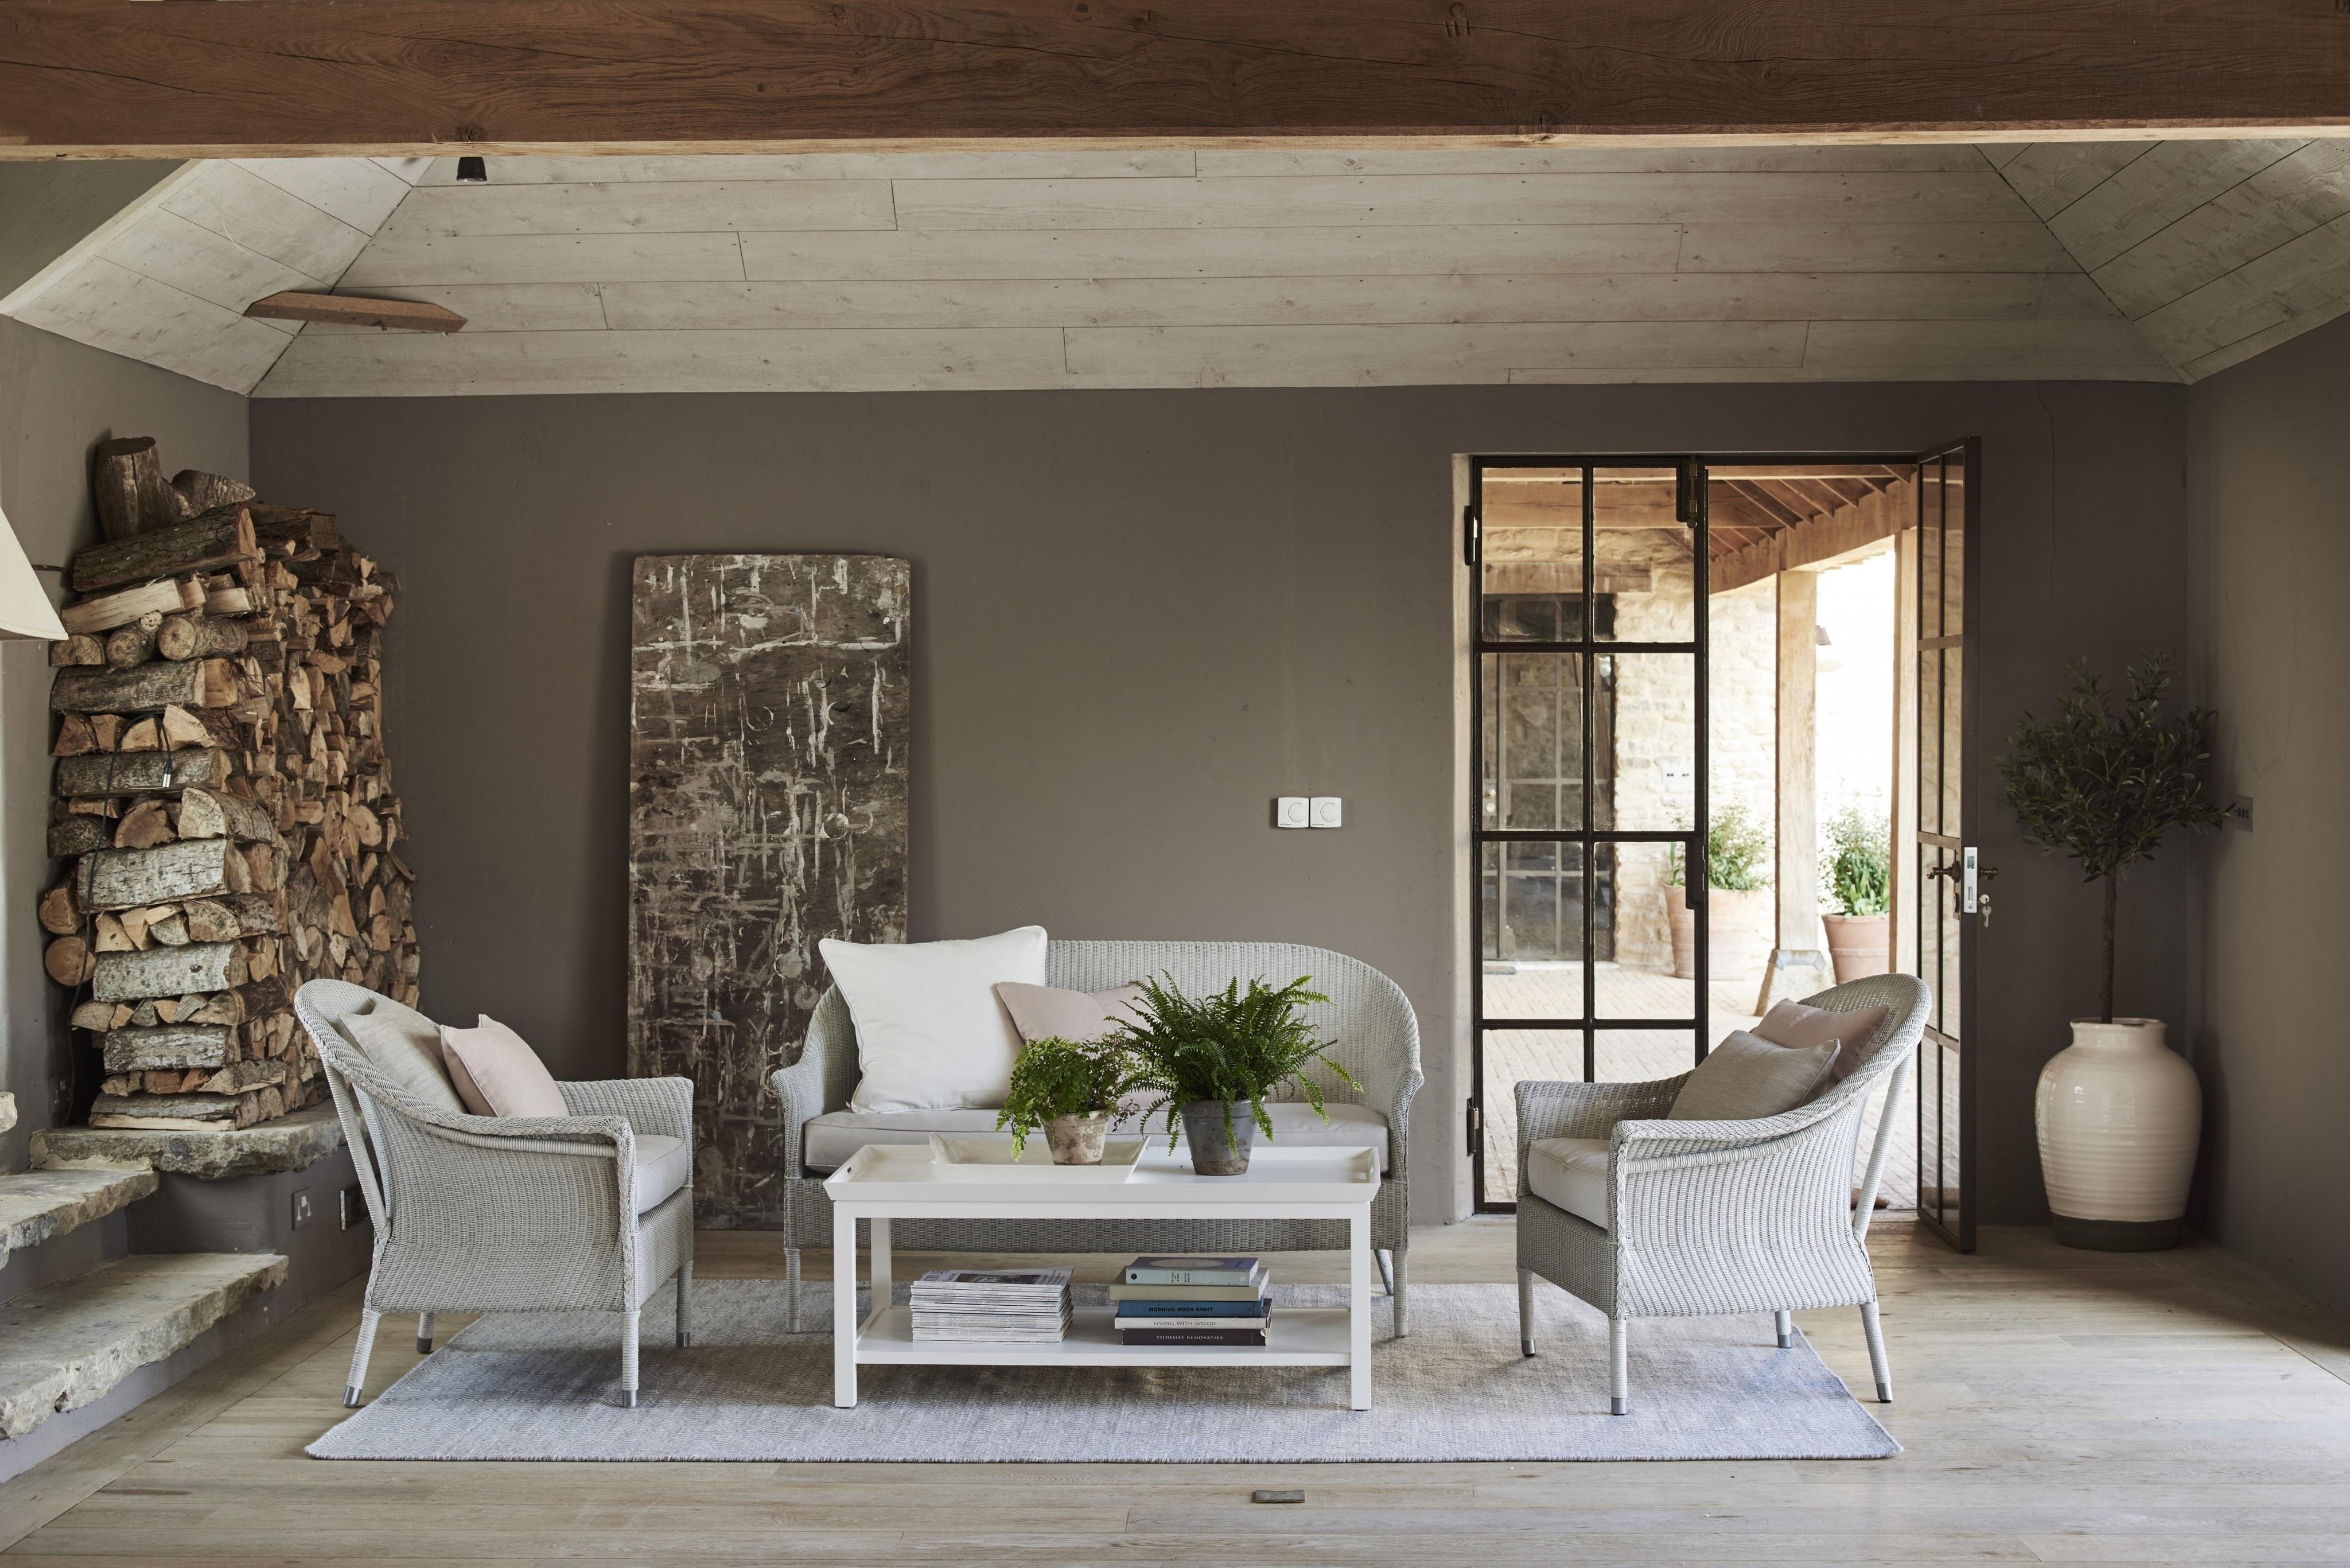 Terrassenmöbel terrassenmöbel bilder ideen couchstyle